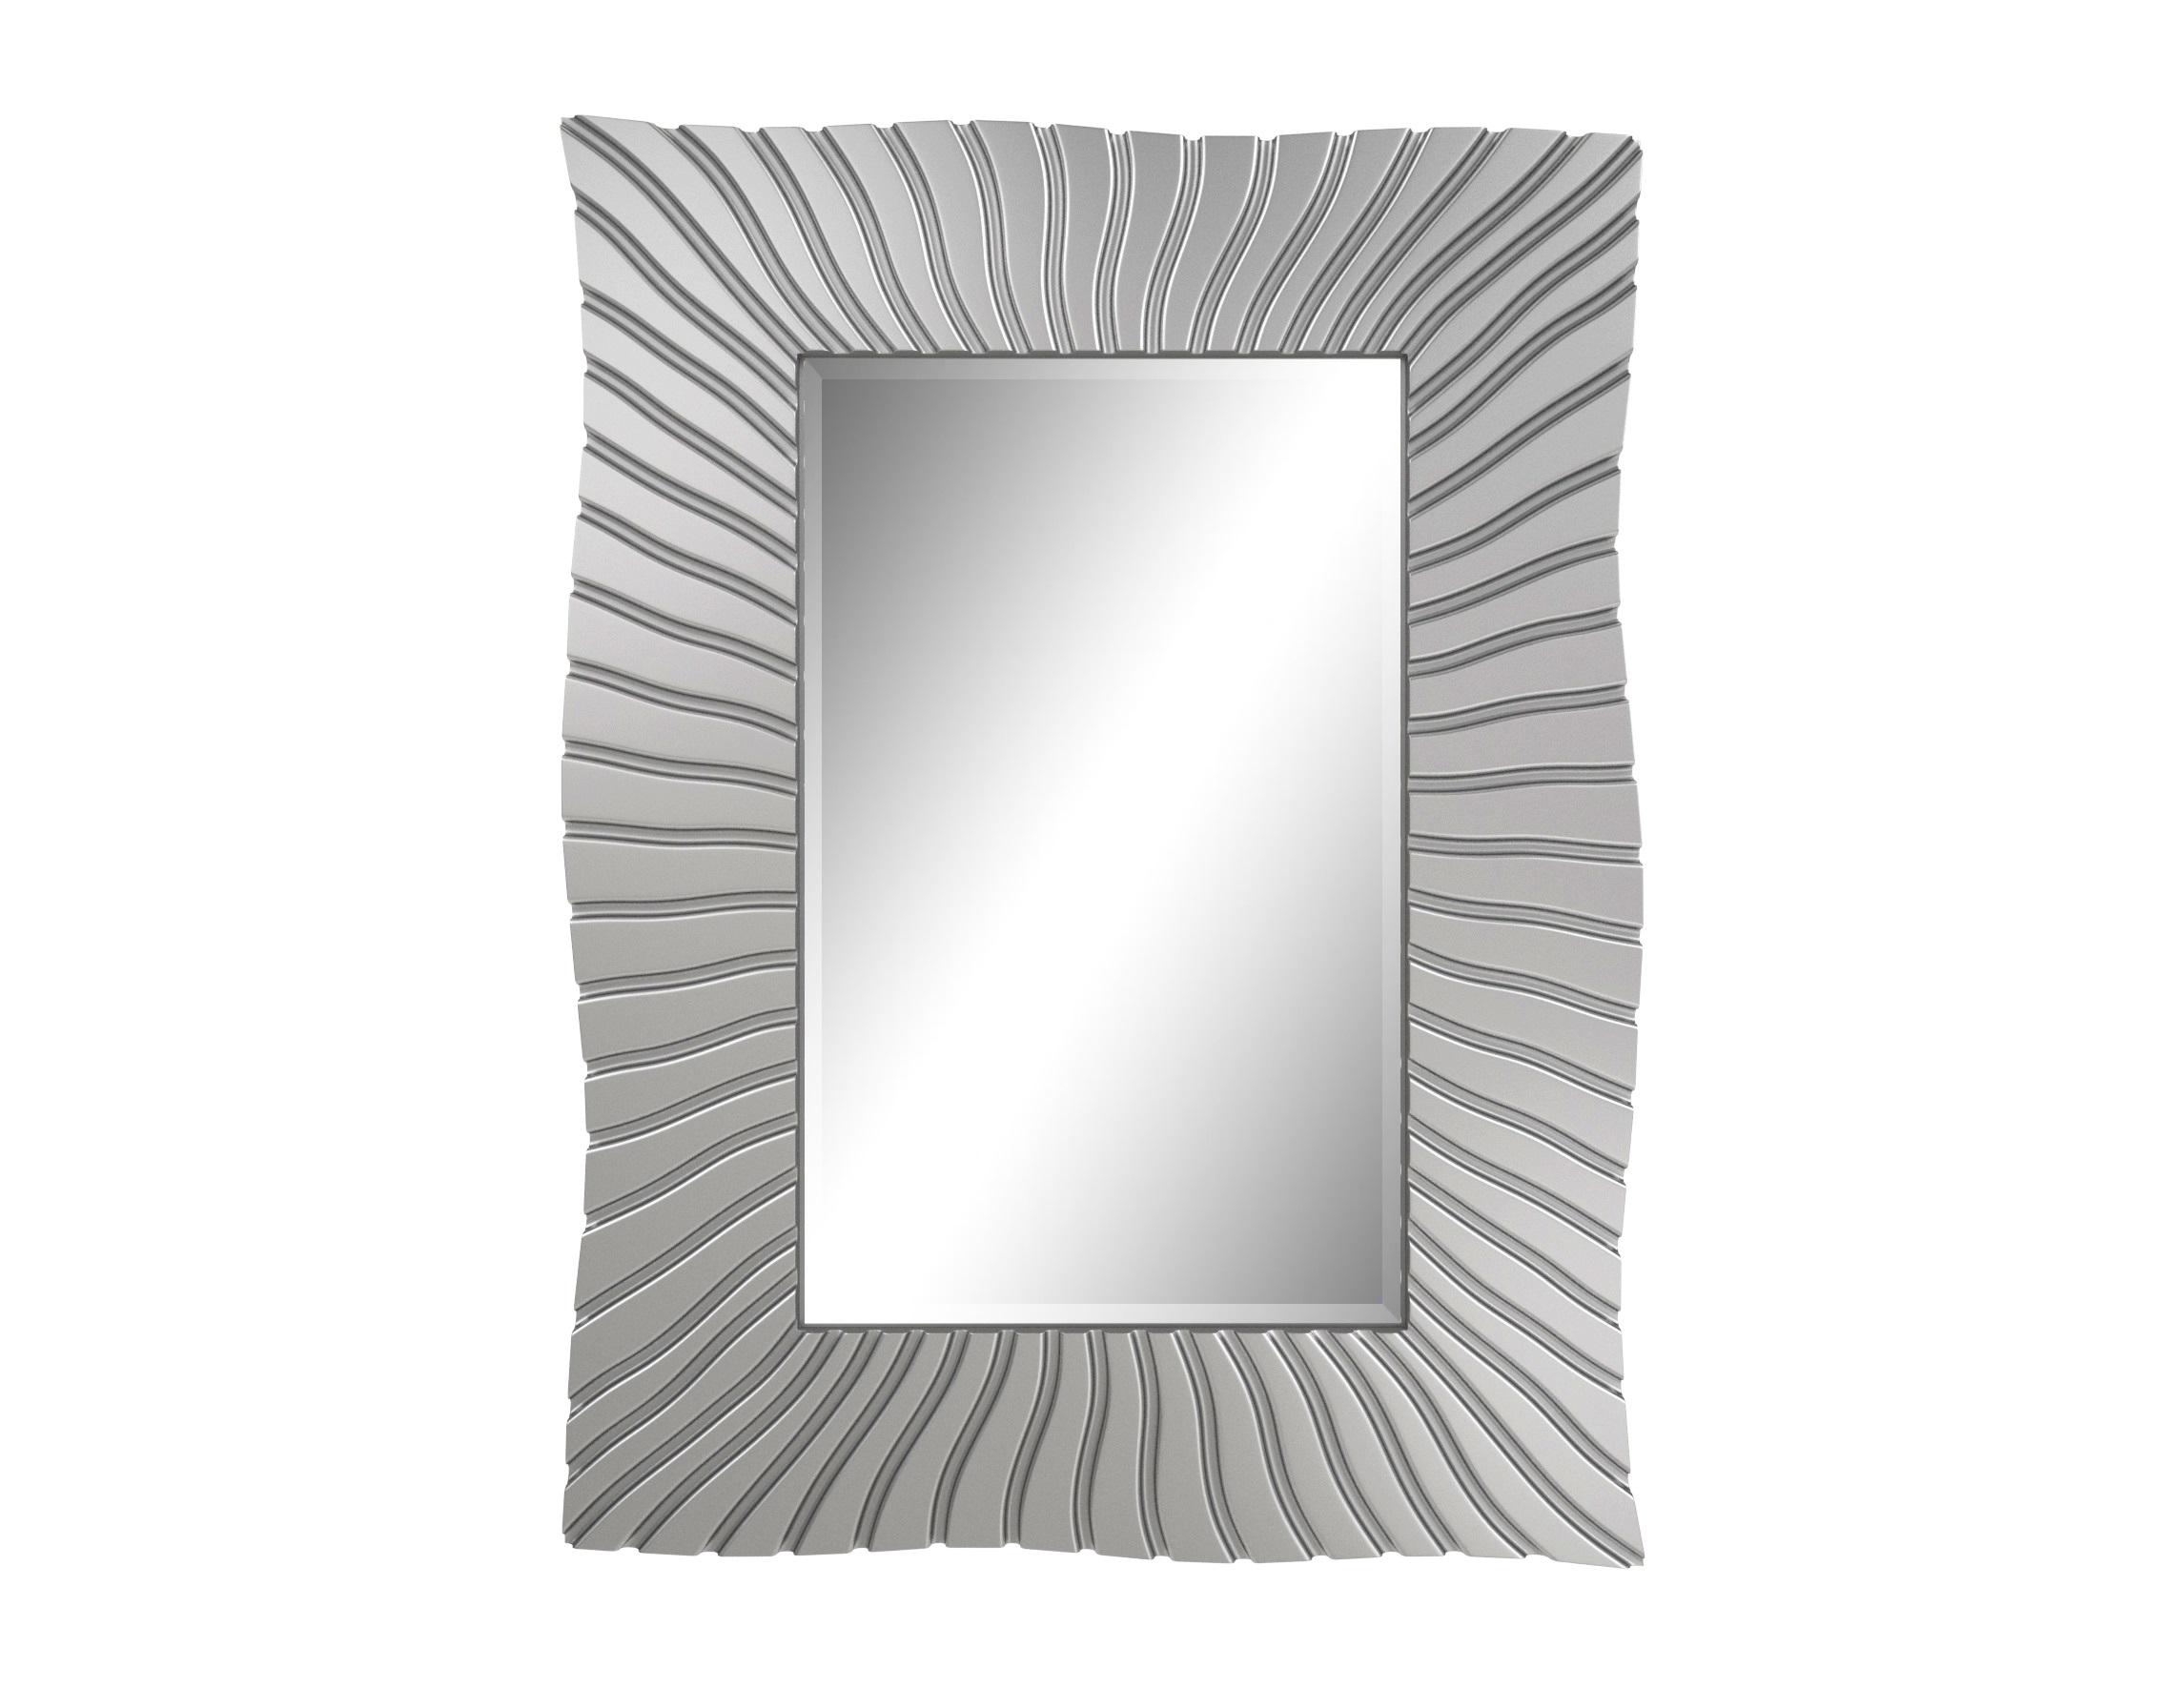 Зеркало Ambicioni 15437920 от thefurnish